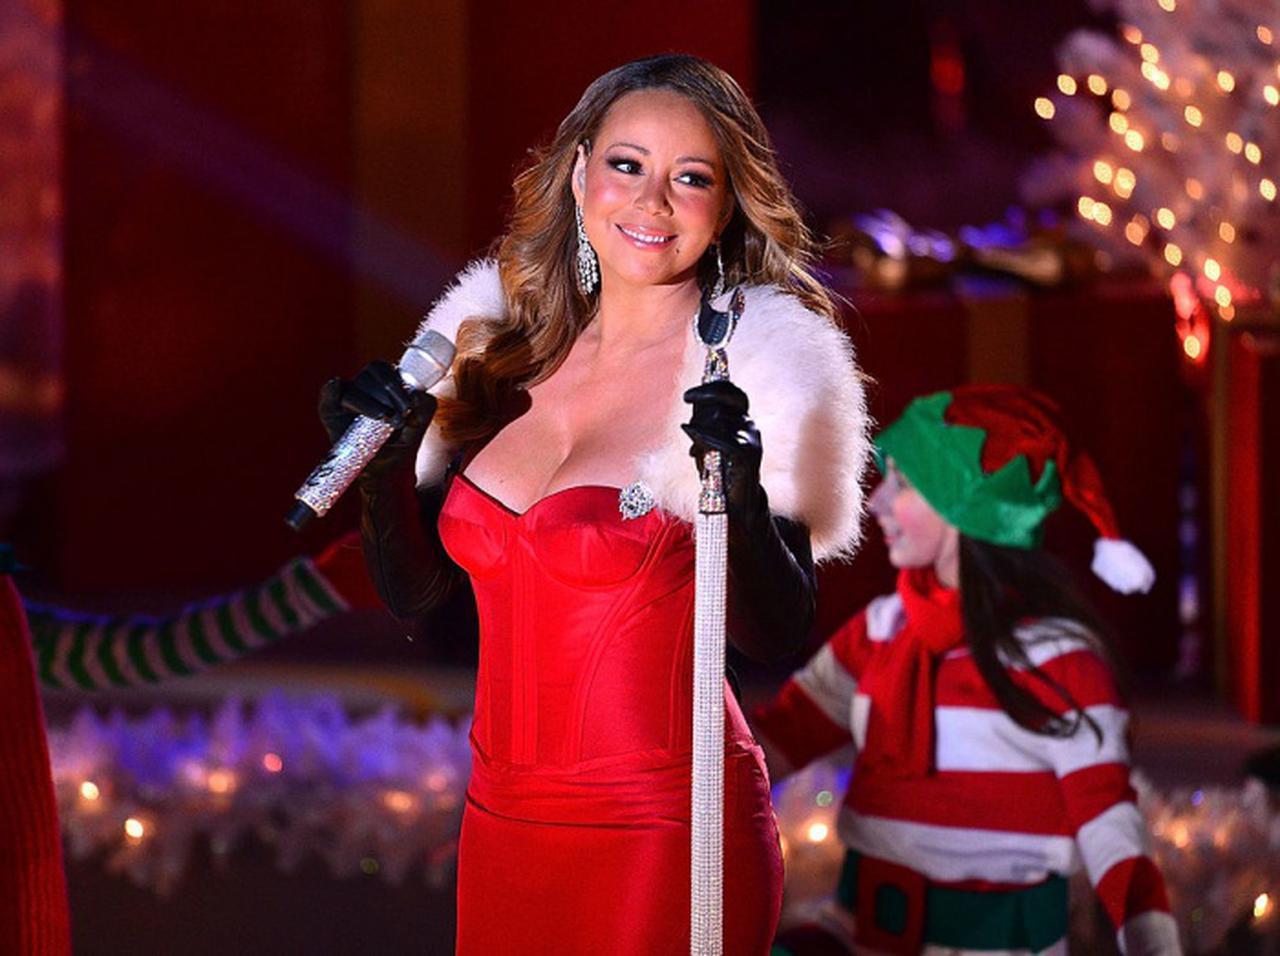 画像: マライア・キャリーが「クリスマスの女王」へと成長した理由に涙が出そう - フロントロウ -海外セレブ情報を発信